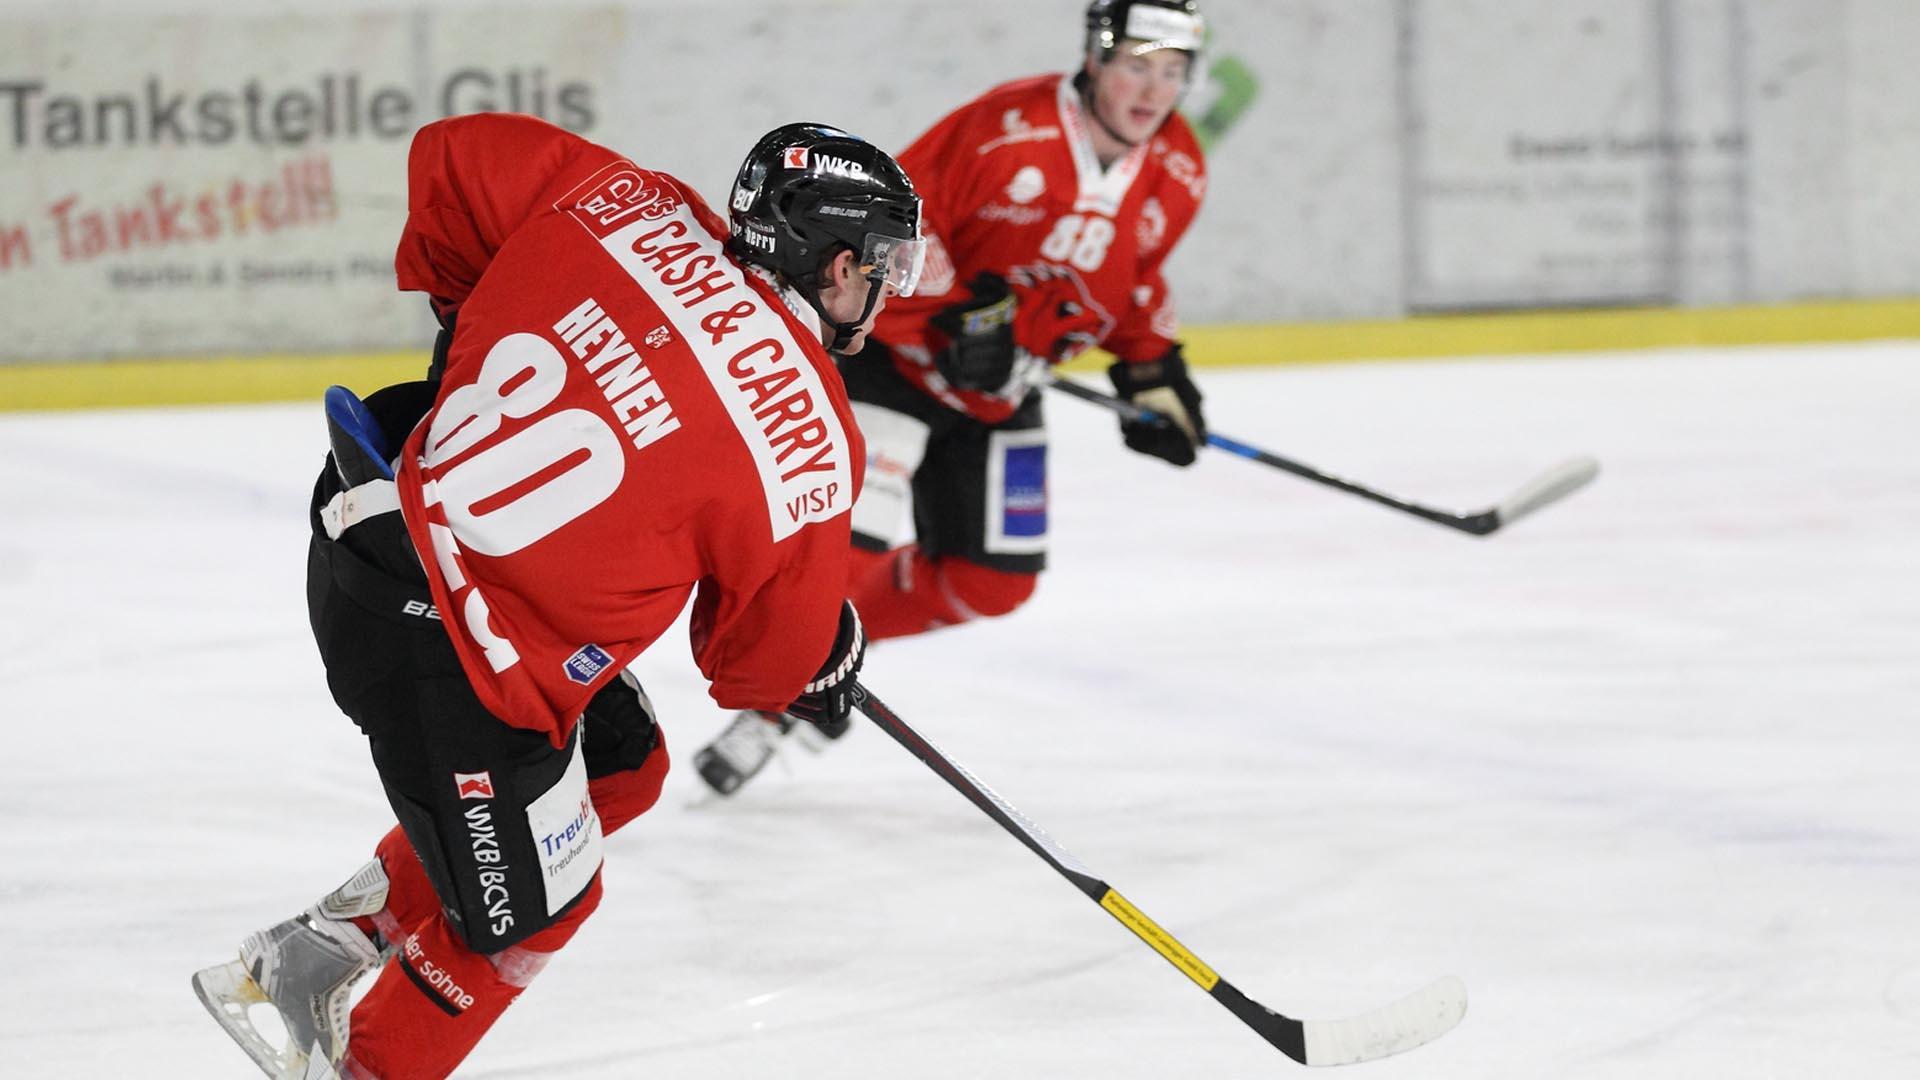 Eishockey  Magerer Lohn für starke Visper Leistung 508654e74174